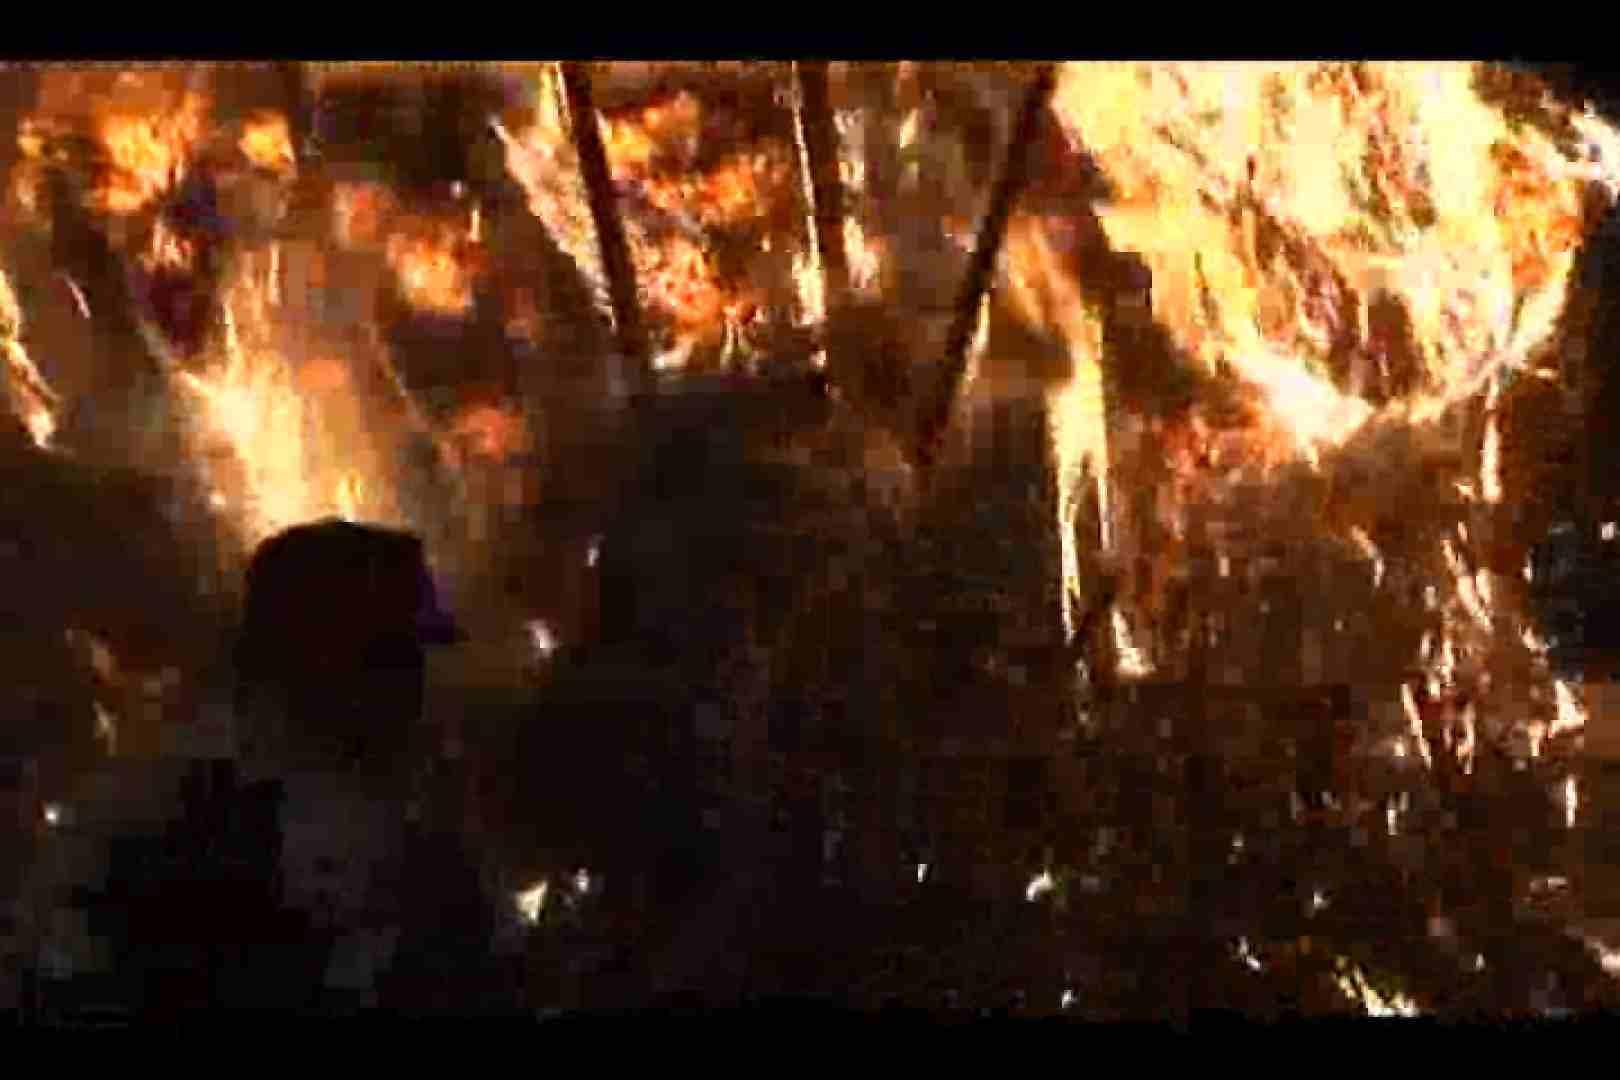 ゲイエロ動画|鳥羽の火祭り 3000K!高画質バージョンVOL.03|完全無修正